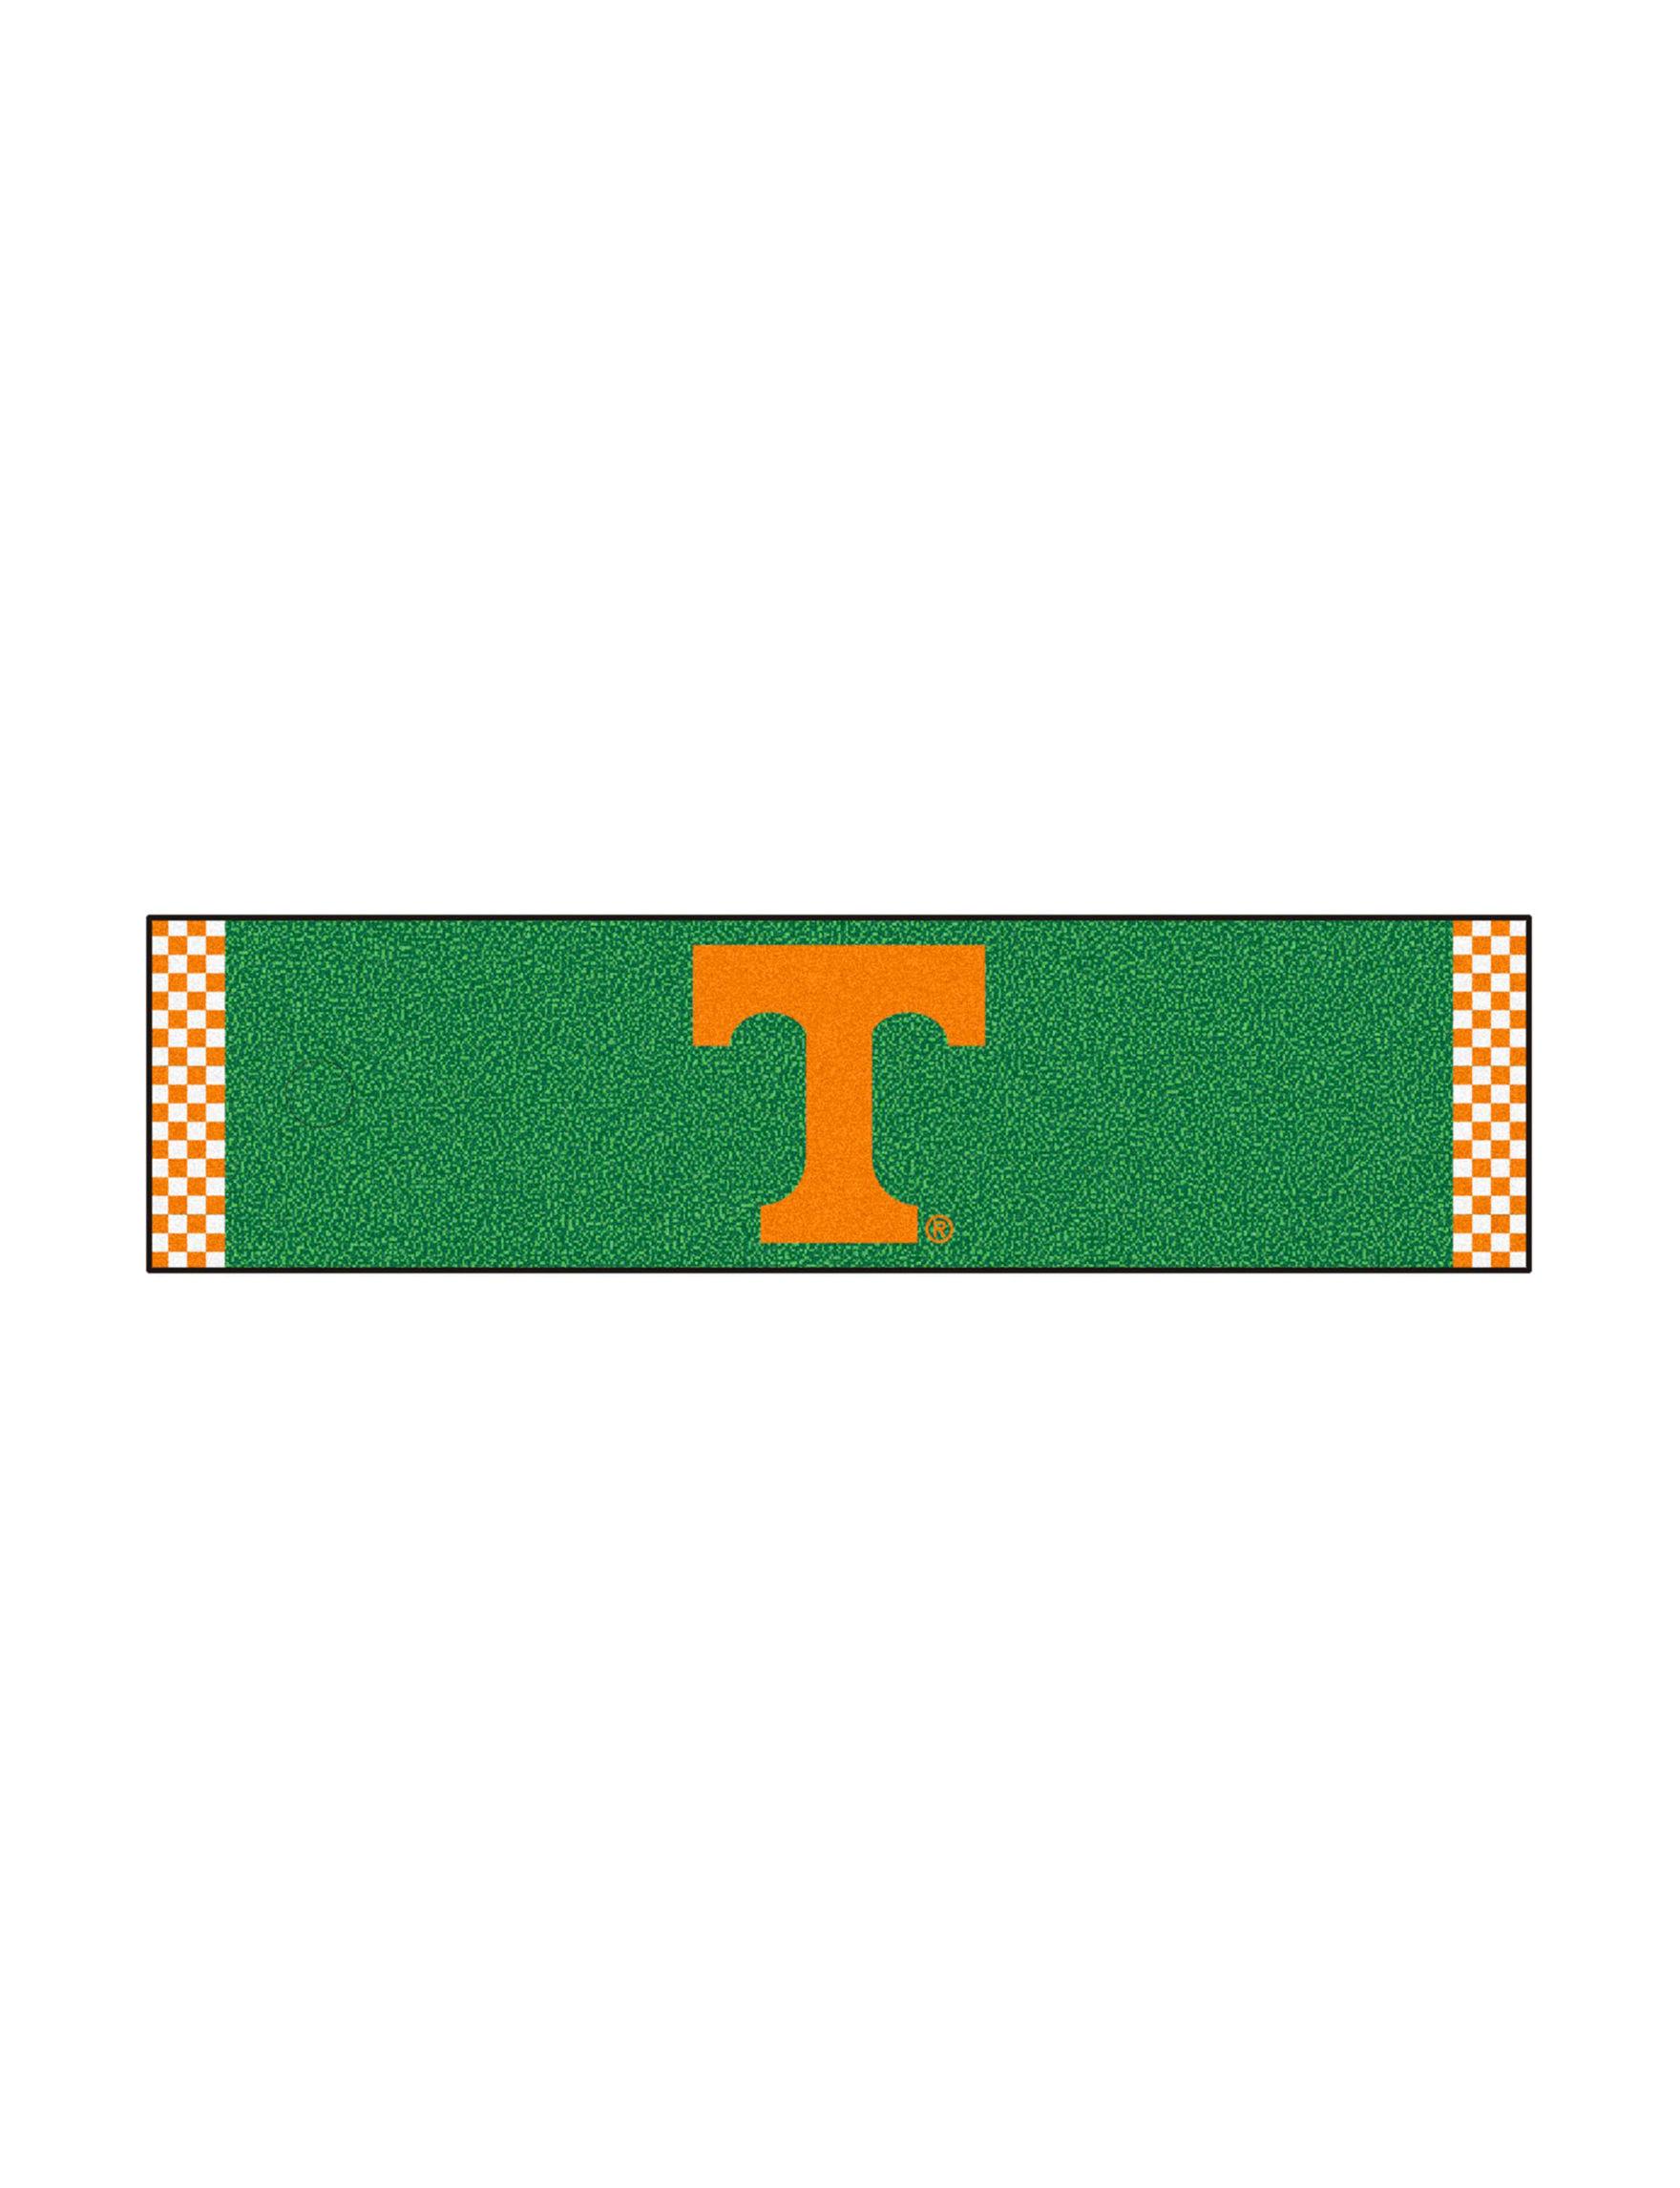 Fanmats Orange / White Outdoor Rugs & Doormats Outdoor Decor